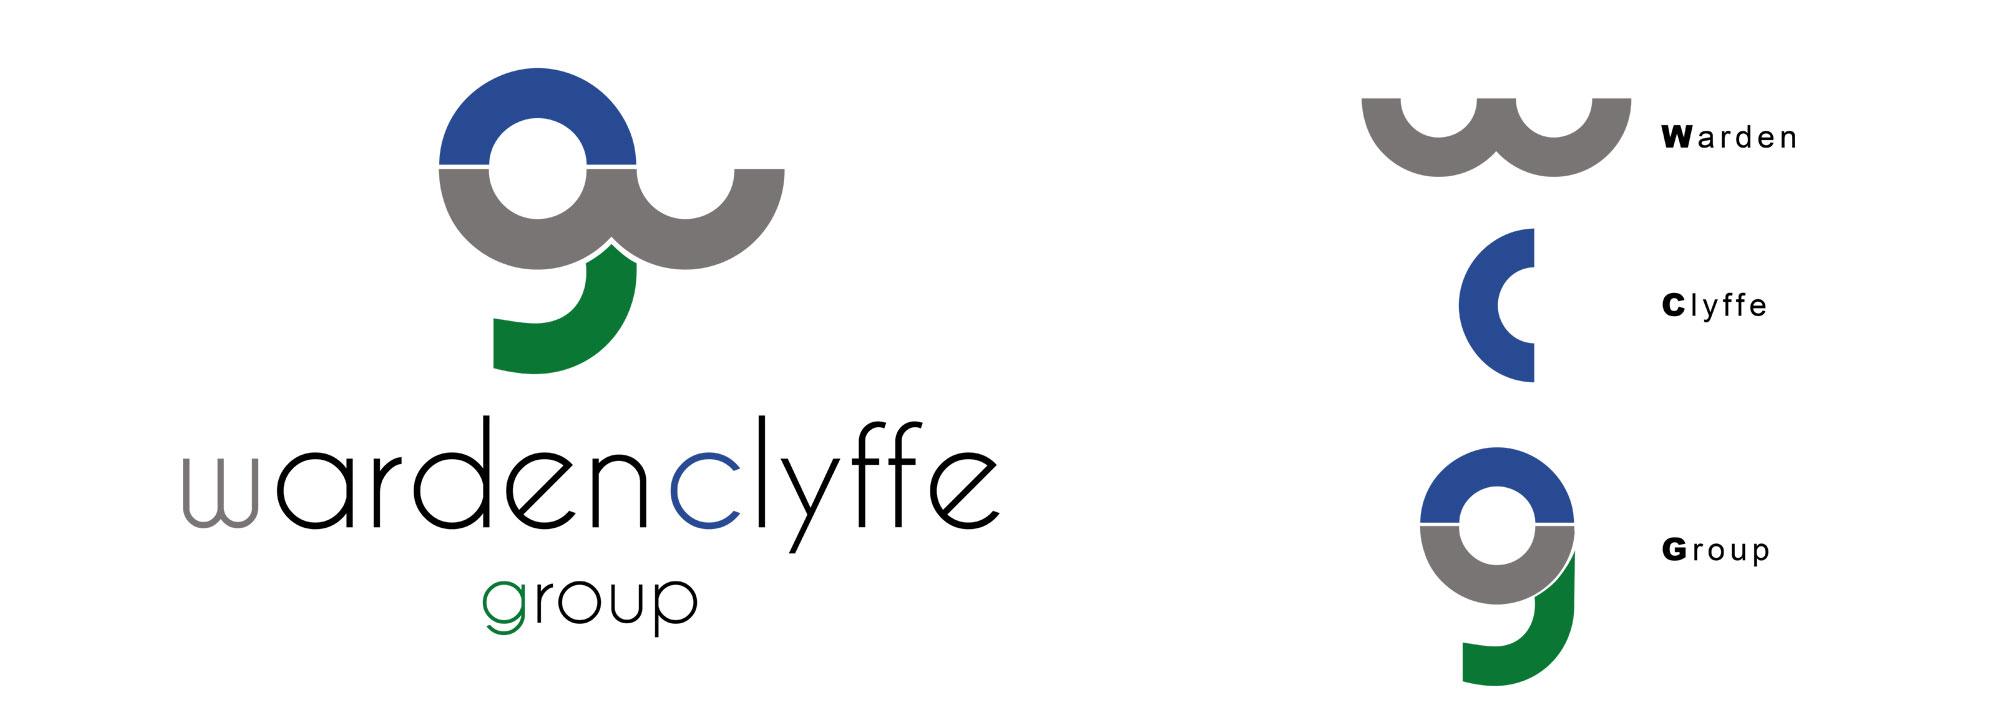 wardenclyffe logo 3